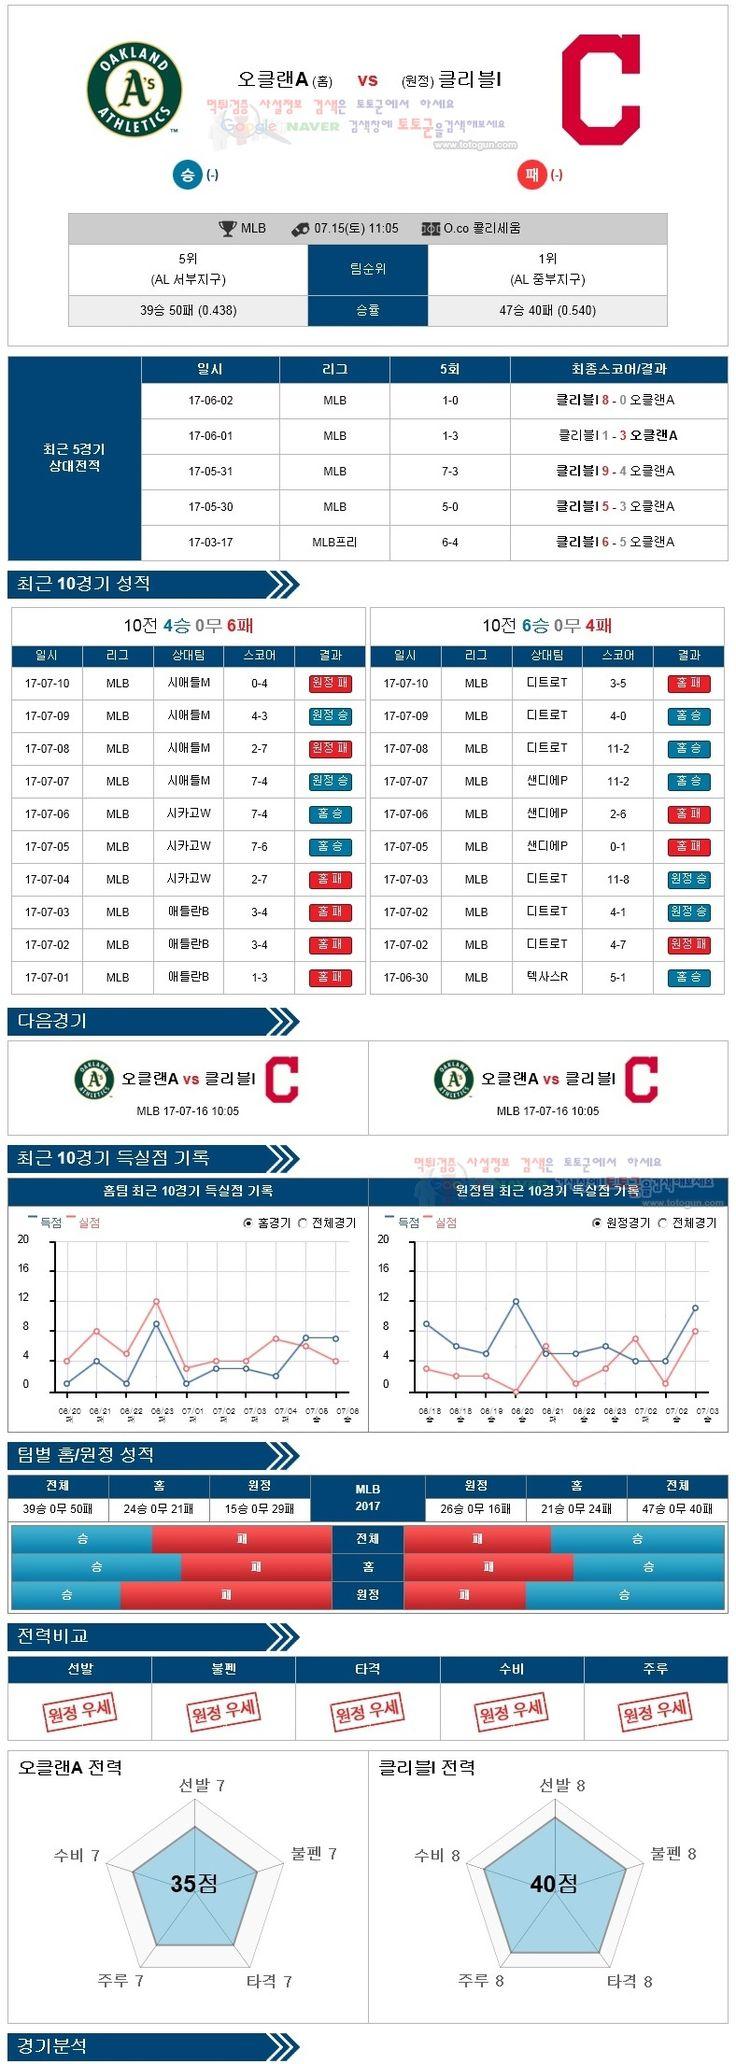 스포츠토토 분석 [MLB] 7월 15일 야구분석픽 오클랜드 vs 클리블랜드 ★토토군 분석픽★